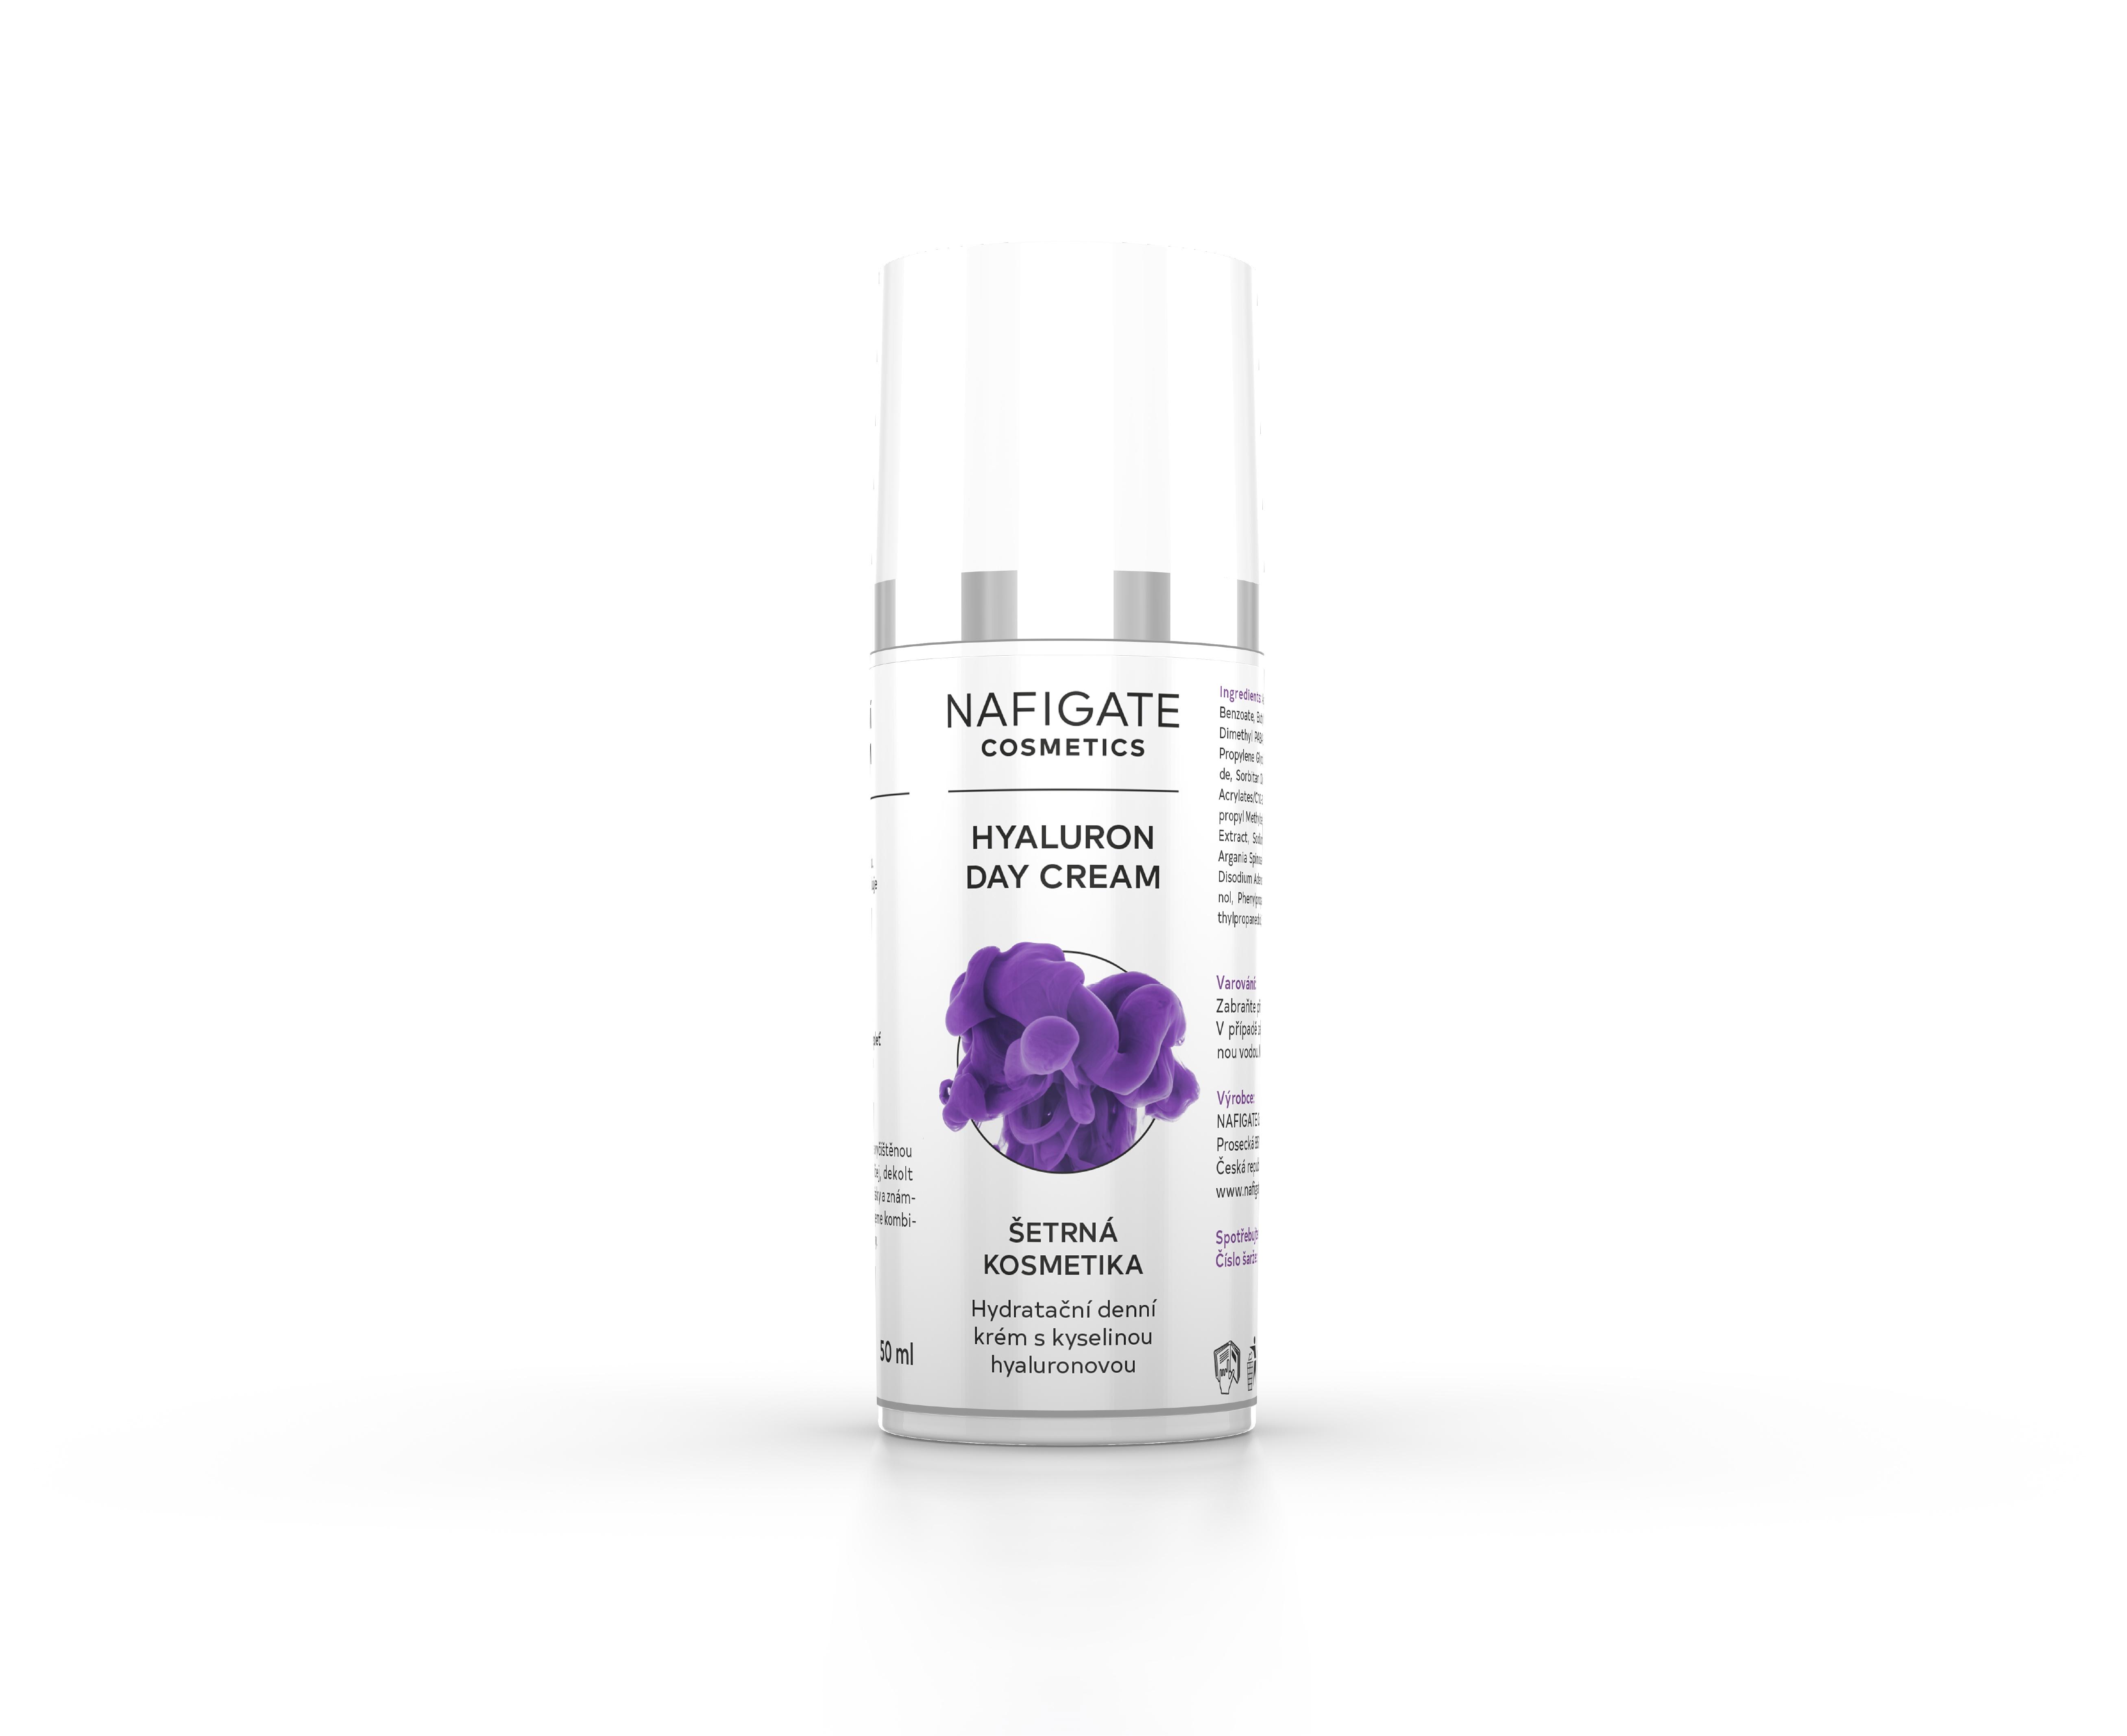 NAFIGATE Cosmetics Hydratační denní krém - Hyaluron Day Cream